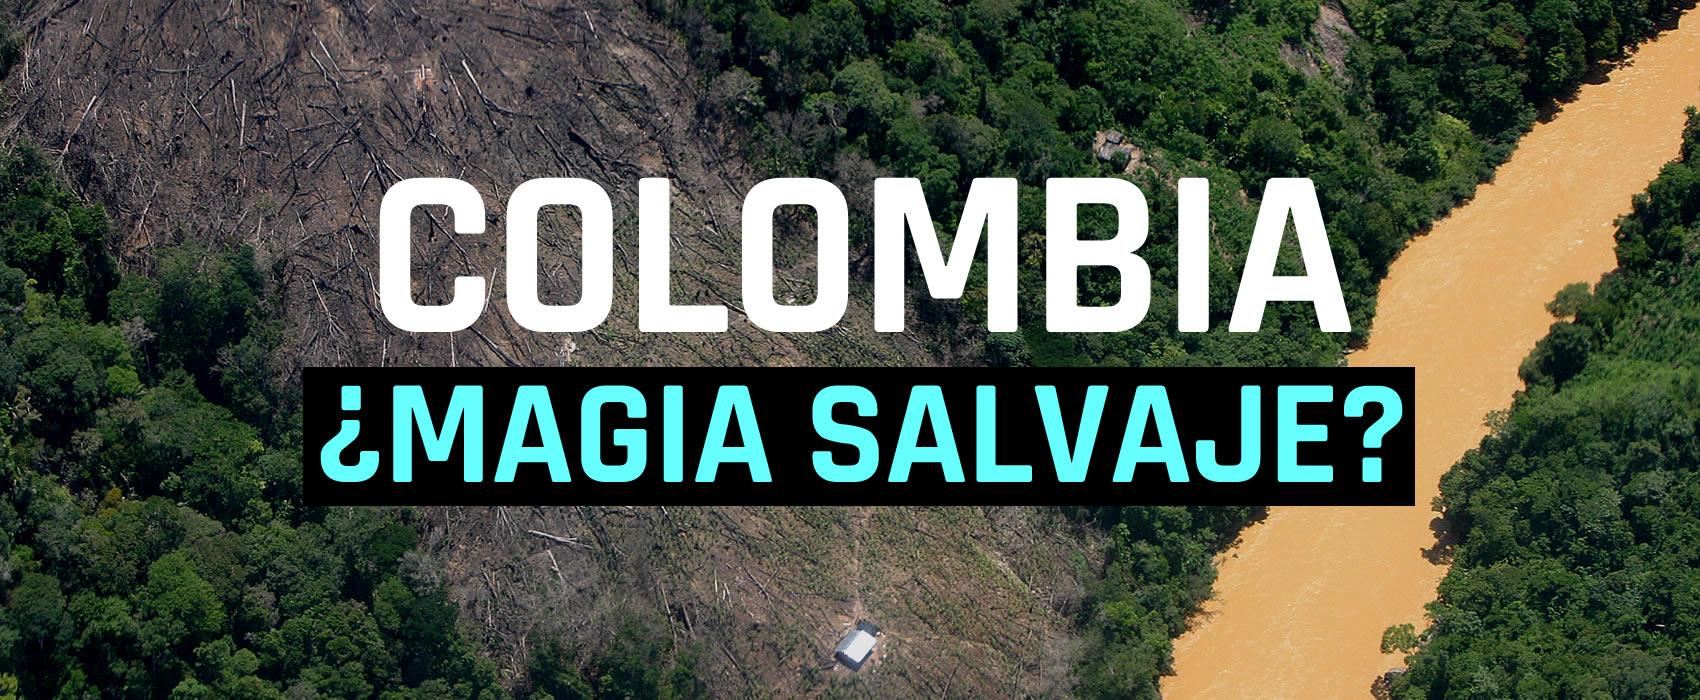 Estas son las siete zonas de deforestación más preocupantes en Colombia